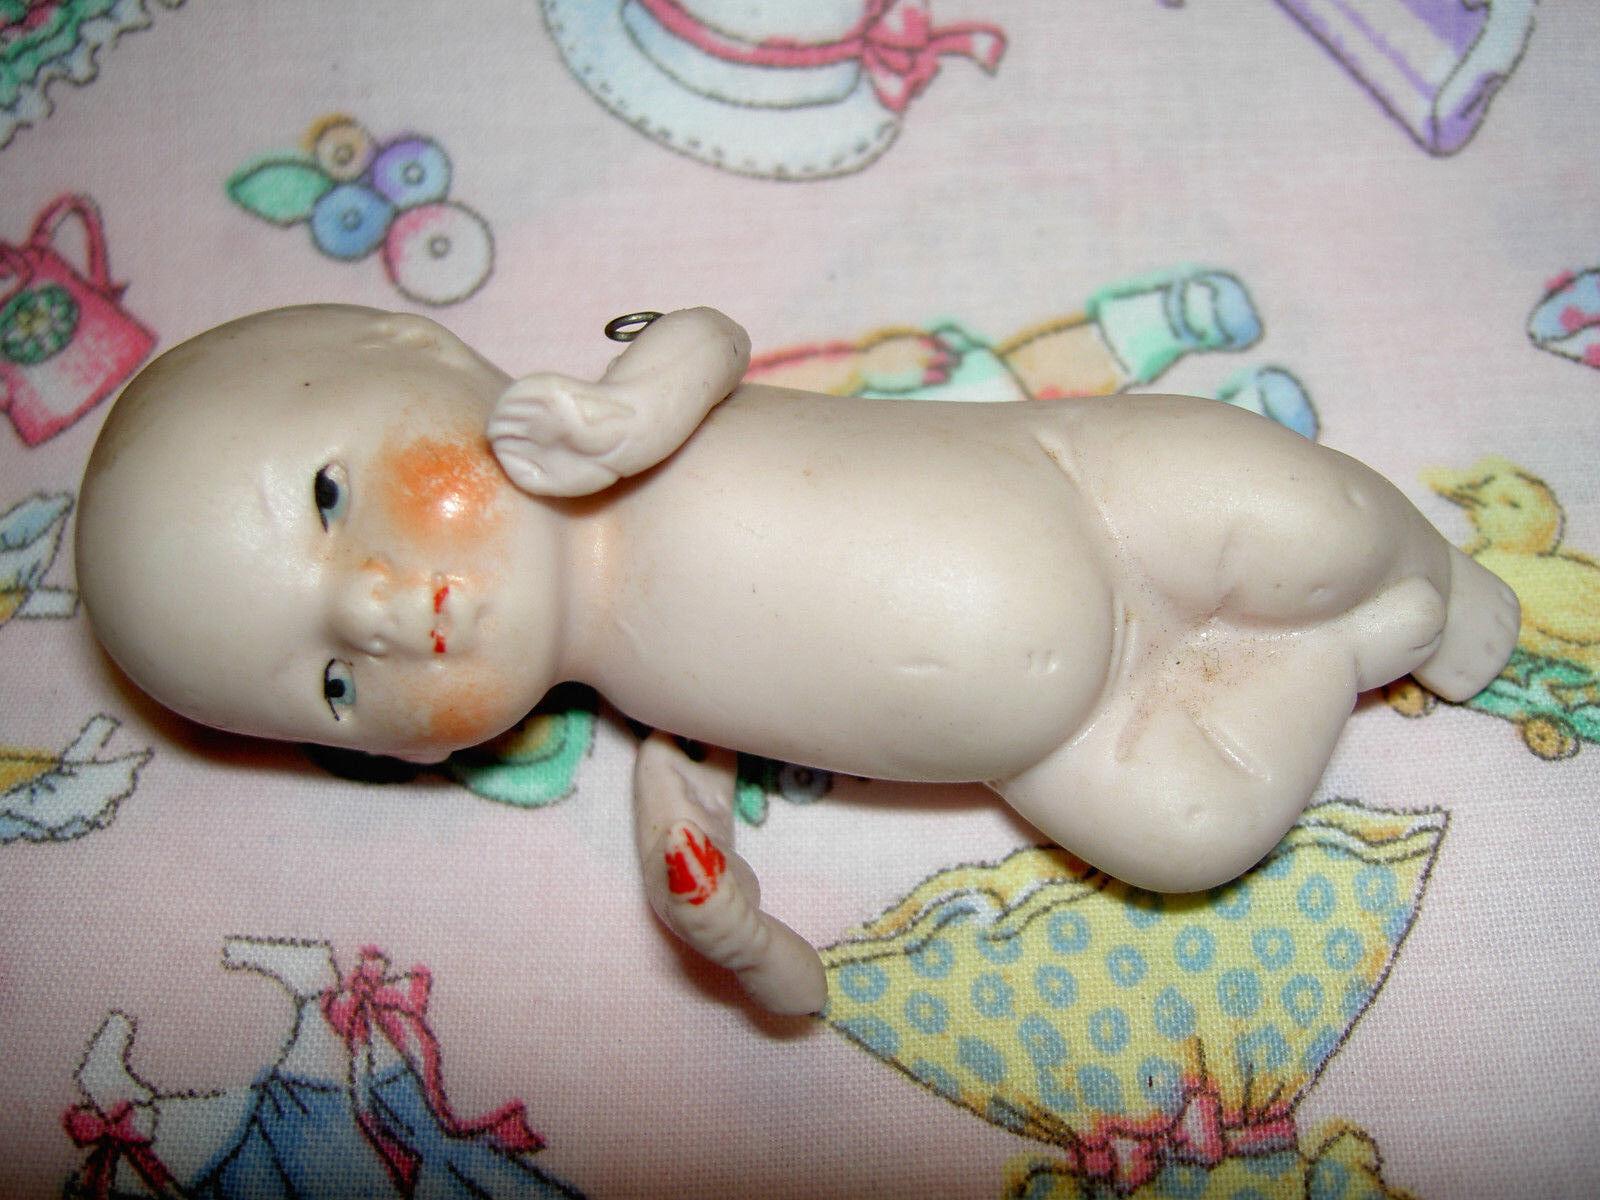 Antiguo Alemán 3 1 2  todo sopa de tono rosadododo Casa de muñecas tamaño JTD Botella de Bebé Muñeca Con